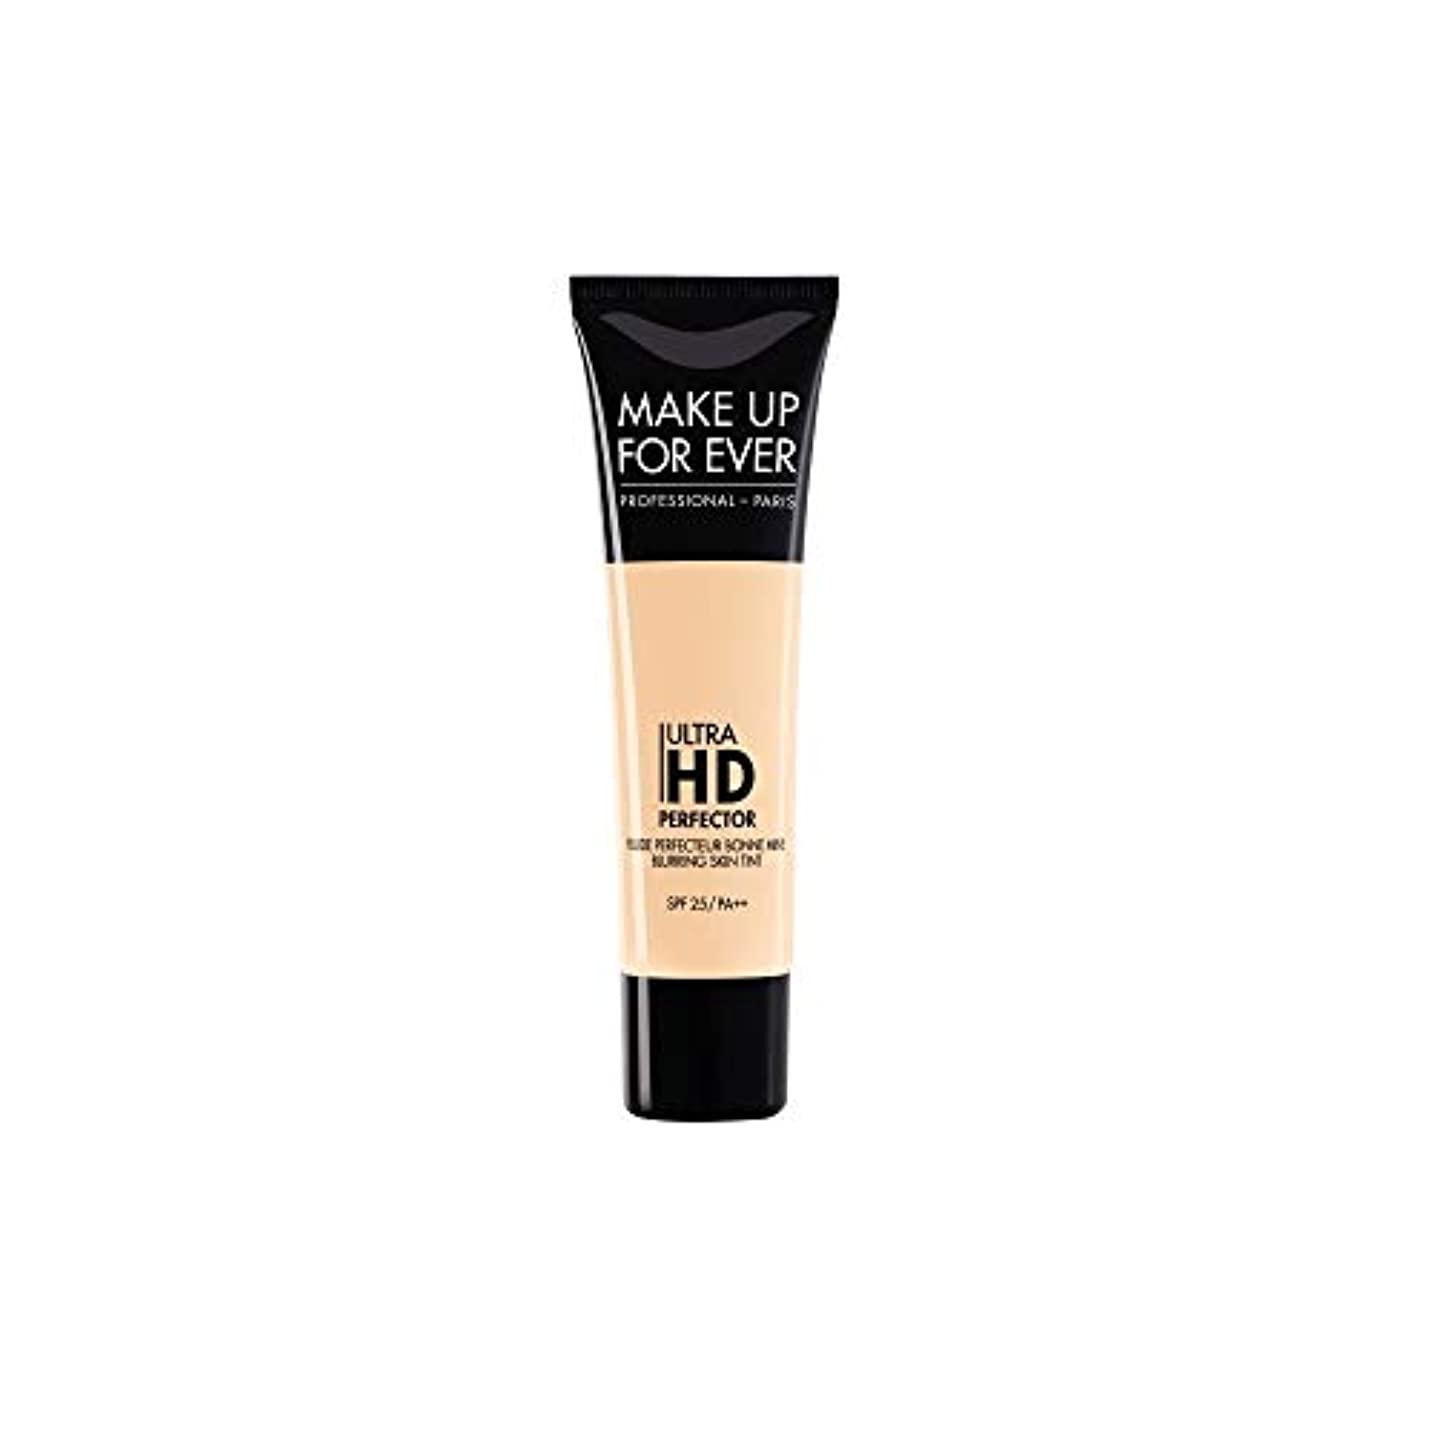 ローマ人寄付スカウトメイクアップフォーエバー Ultra HD Perfector Blurring Skin Tint SPF25 - # 01 Vanilla 30ml/1.01oz並行輸入品